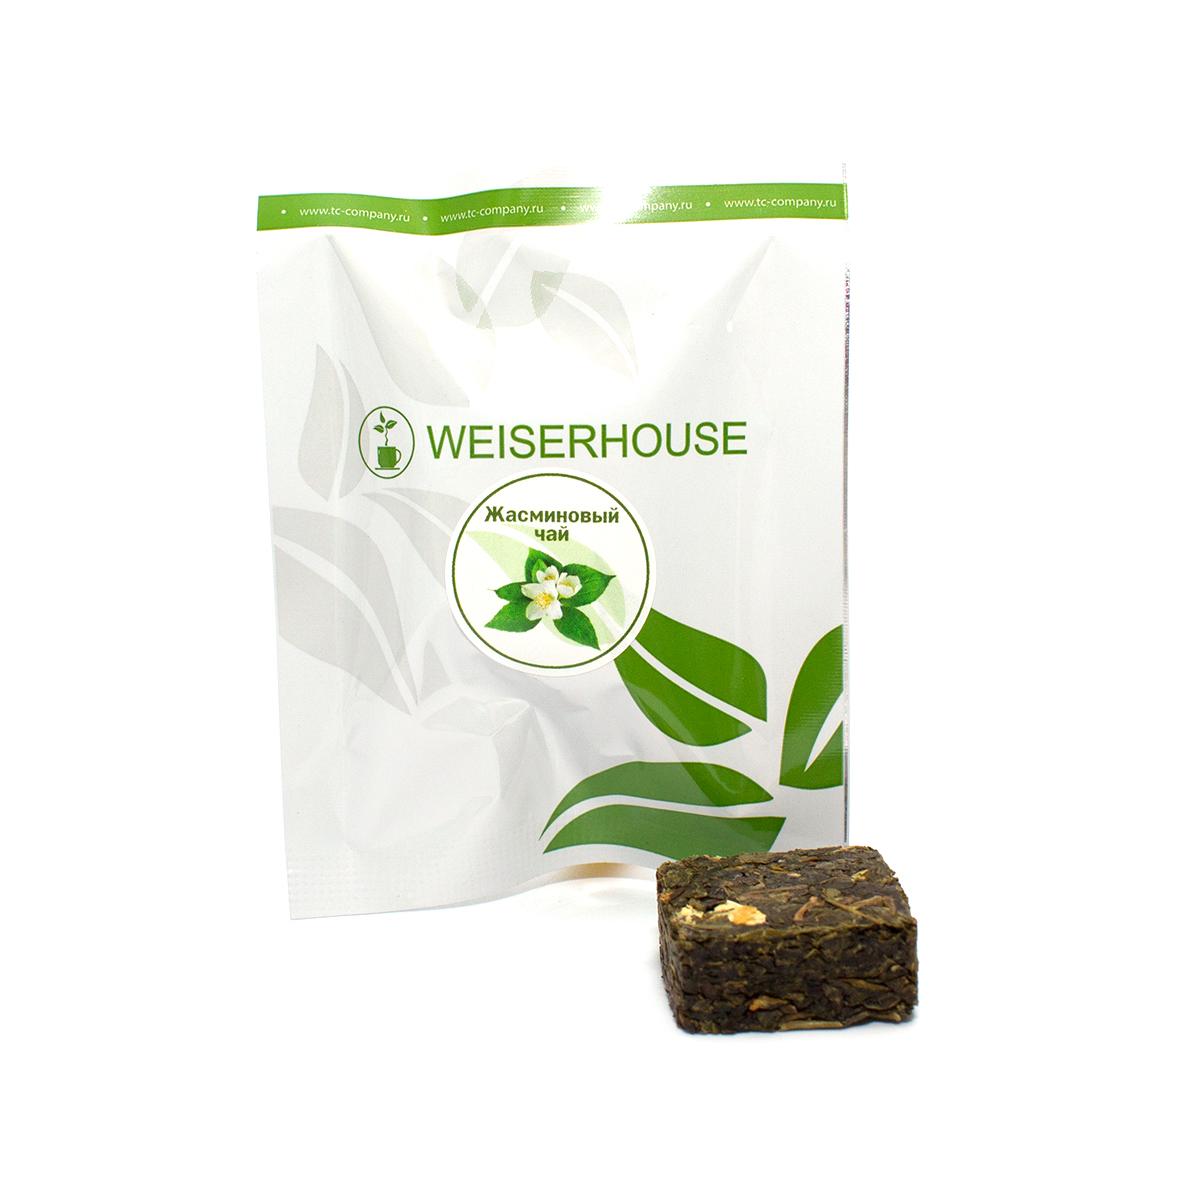 Чай зеленый Жасминовый прессованный в кубиках (5-7 гр.) в инд. упак. цены онлайн